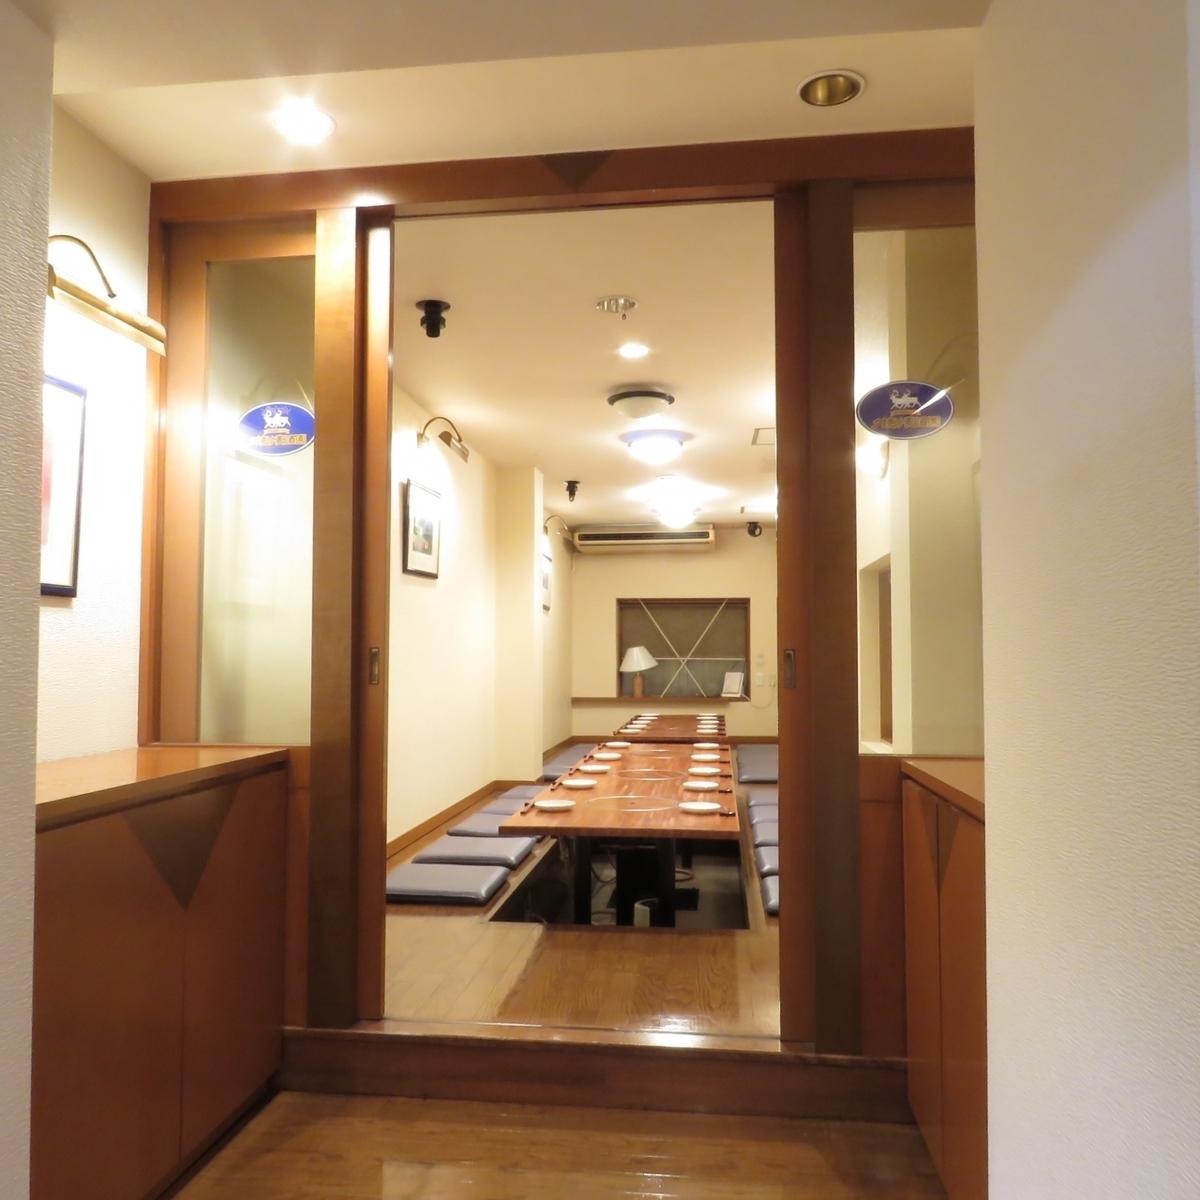 私人宴會廳可容納25人!最多可容納25位客人供私人使用,因此您不必擔心其他顧客,您會感到興奮!廁所也位於3樓!